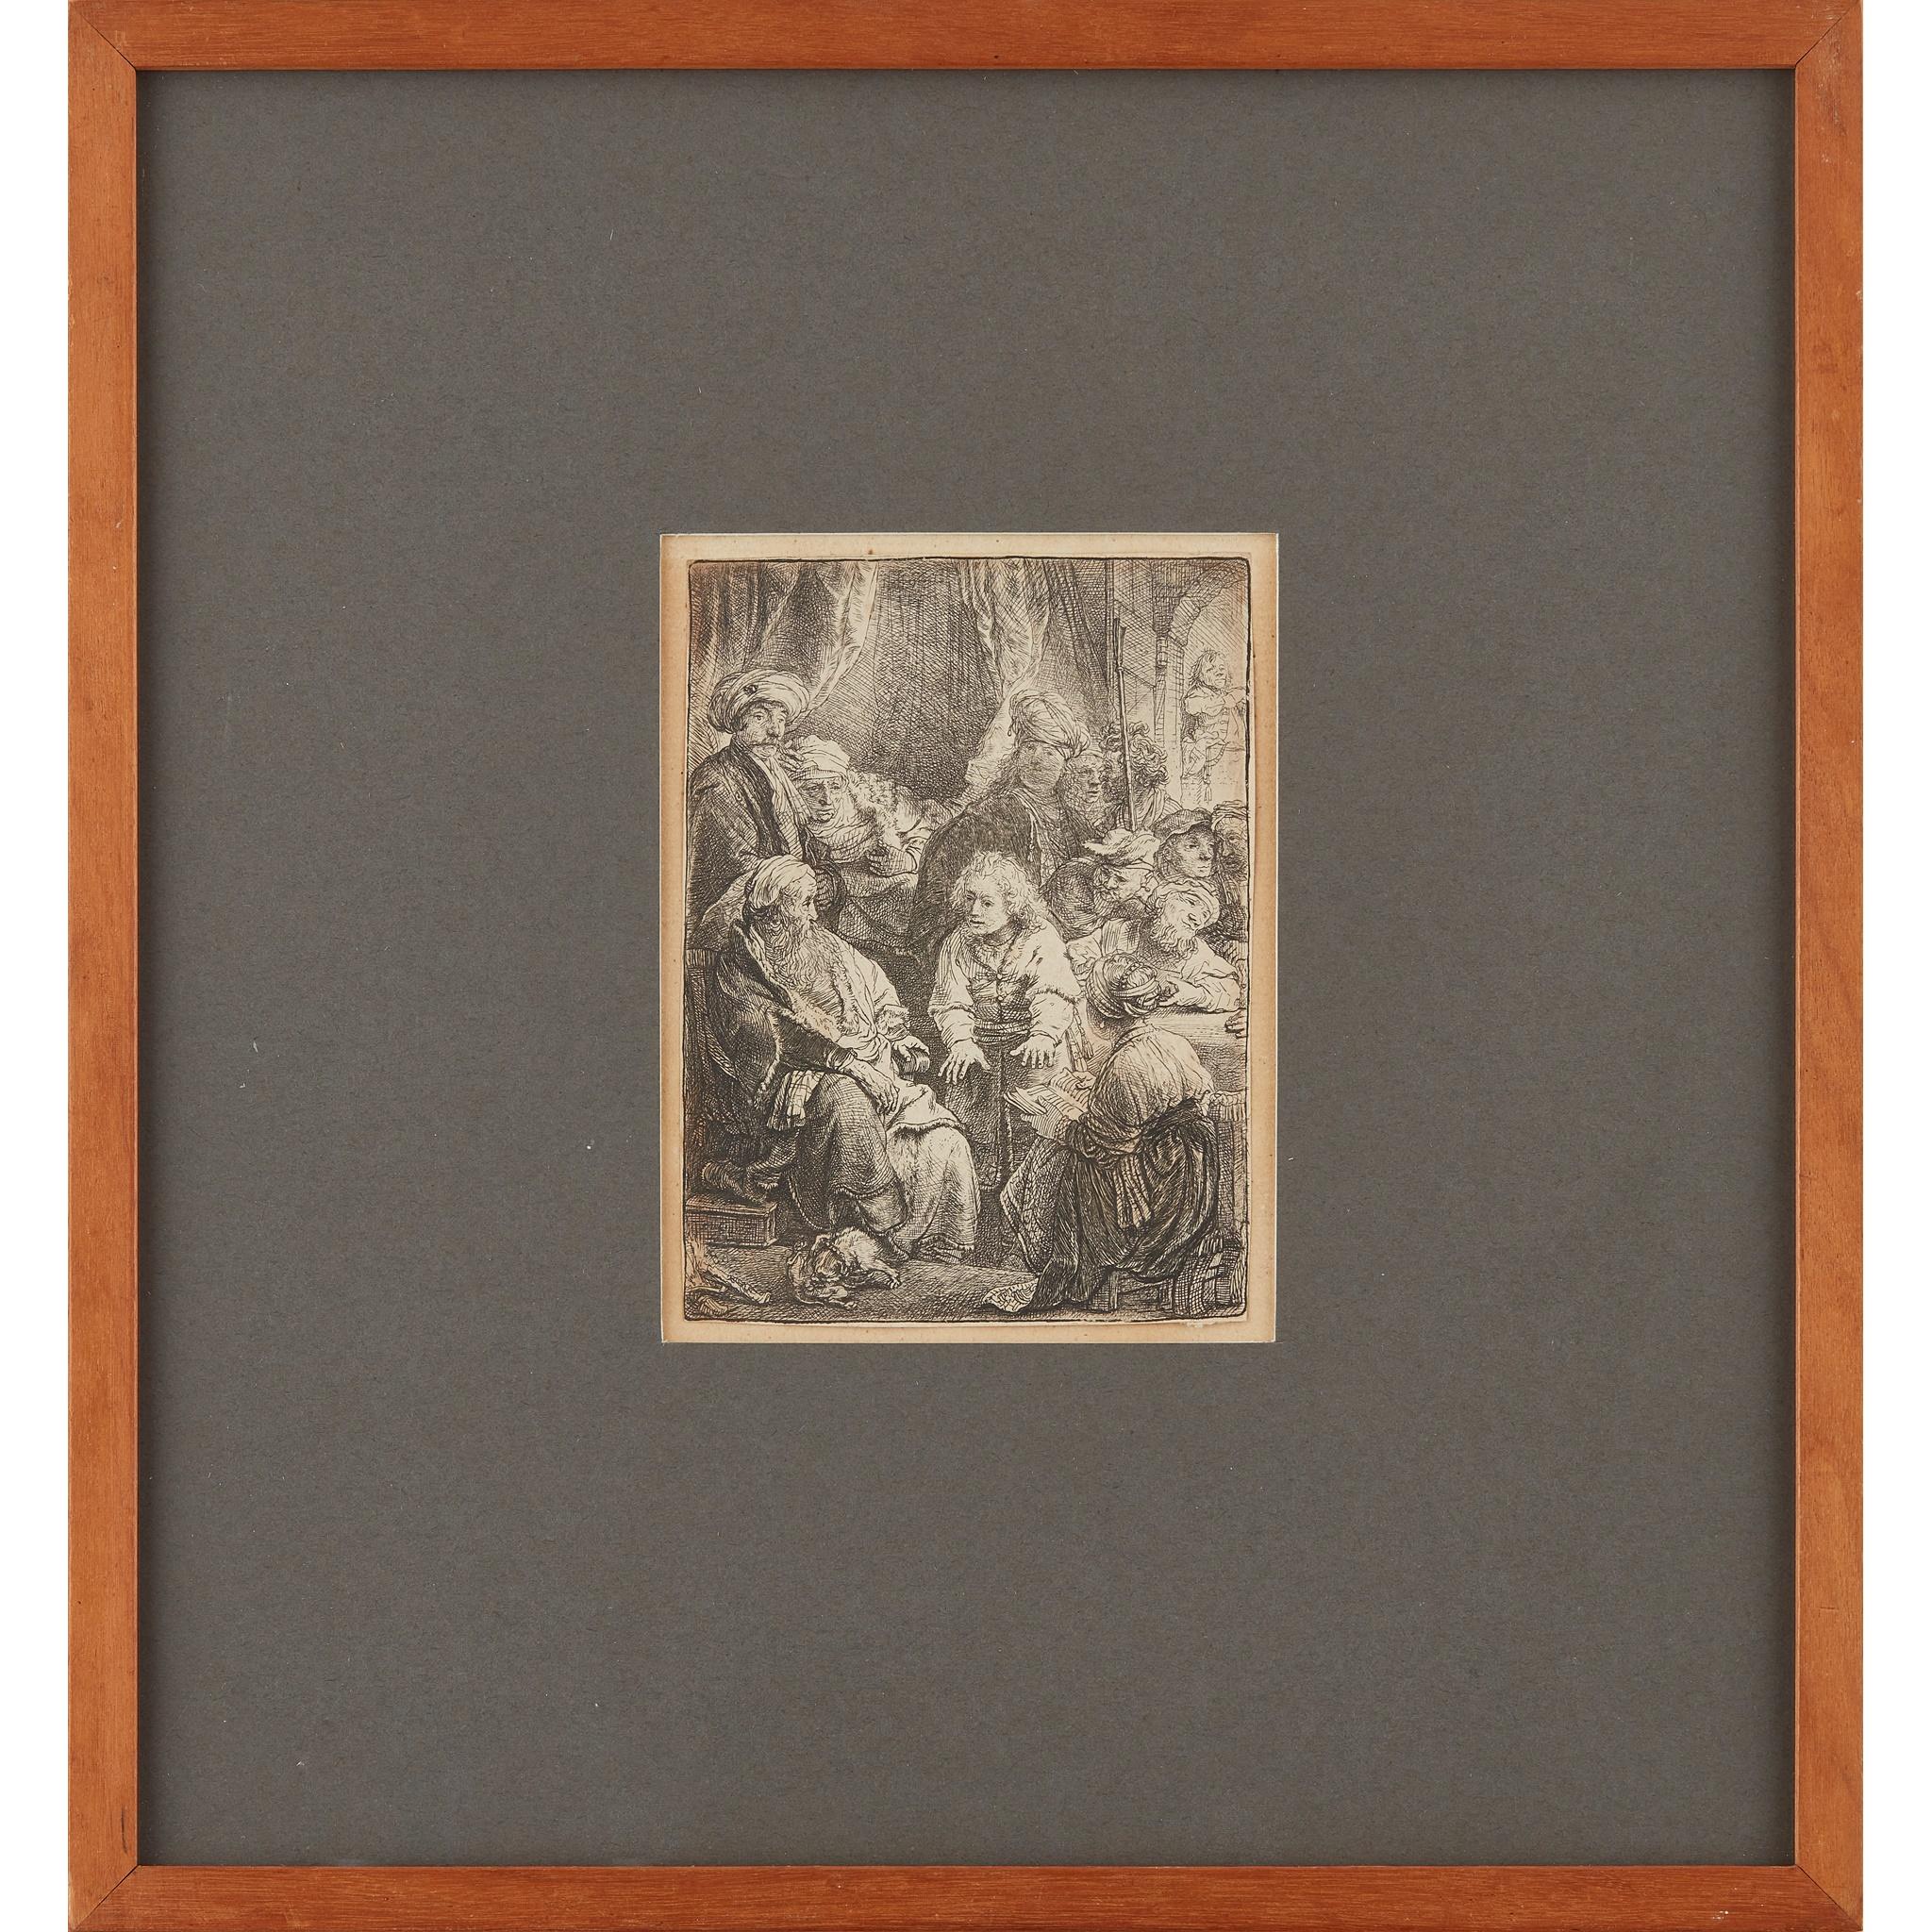 REMBRANDT VAN RIJN (DUTCH 1606-1669) JOSEPH TELLING HIS DREAMS - Image 2 of 3